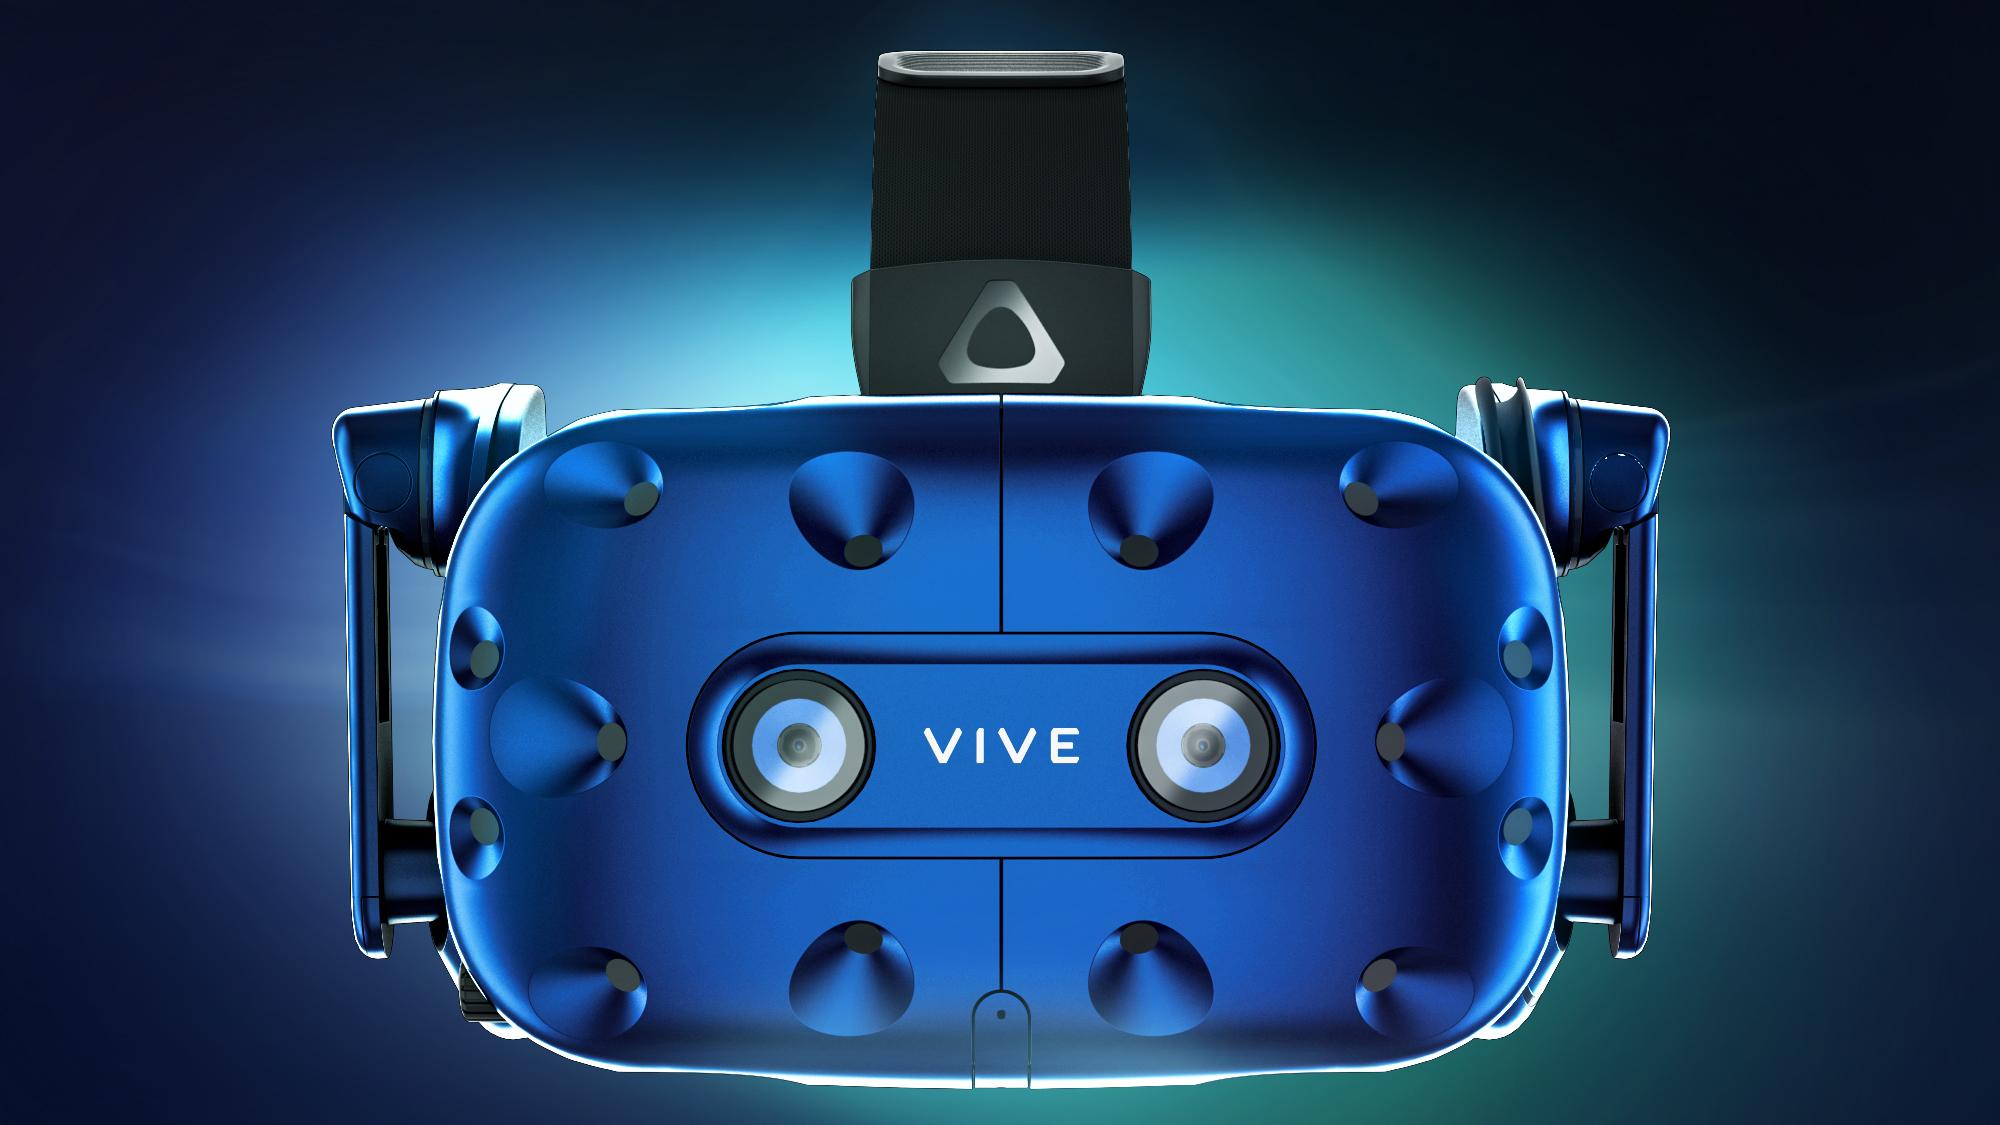 Okulary HTC VIVE Pro Eye, przez funkcję śledzenia wzroku, zapewniają łatwą nawigację i optymalne wyświetlanie  projektu (źródło: HTC)